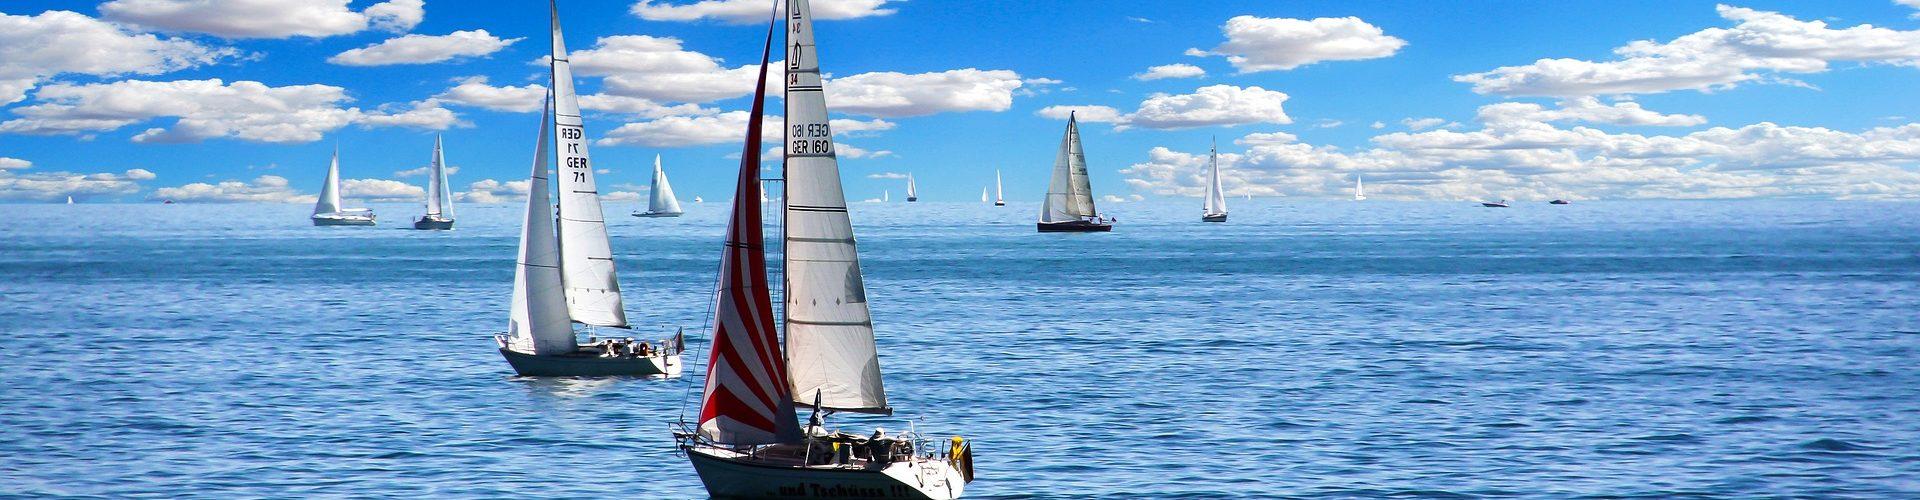 segeln lernen in Boltenhagen segelschein machen in Boltenhagen 1920x500 - Segeln lernen in Boltenhagen